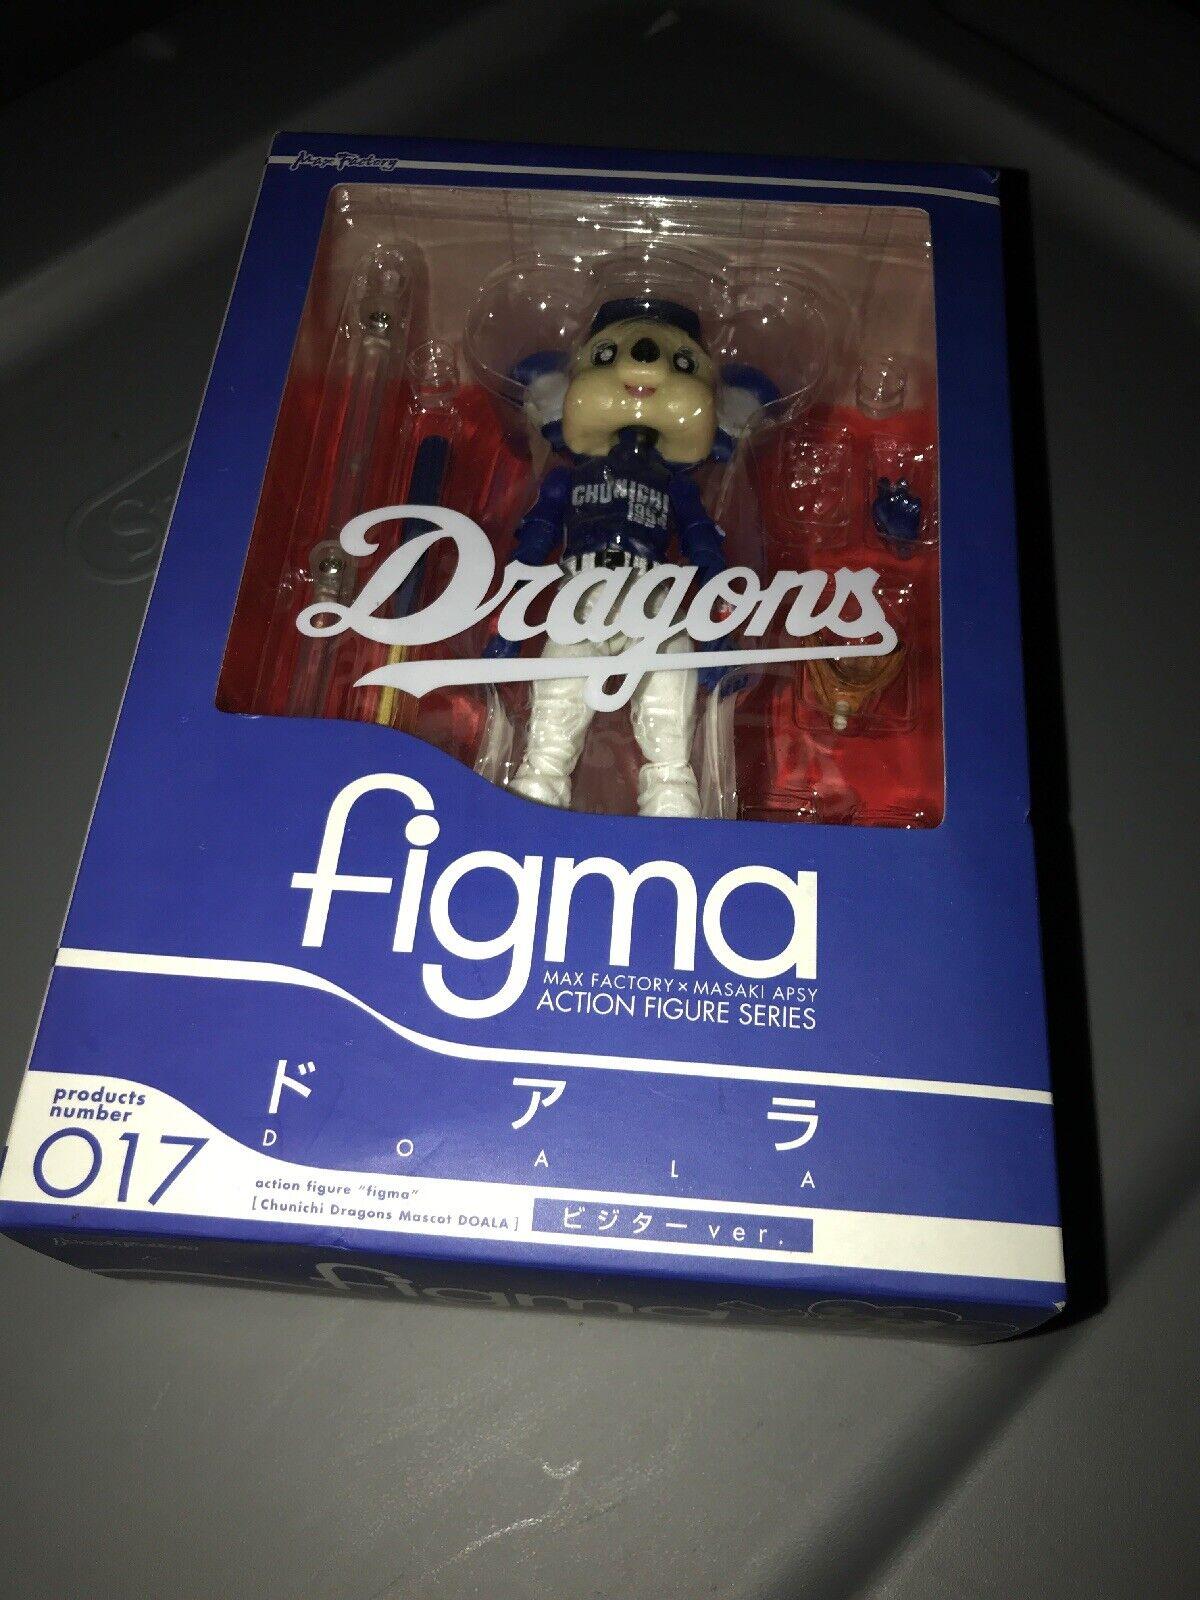 Max Factory Figma Dragones Mascota Doala versión 017 fábrica sellada caja de venta al por menor